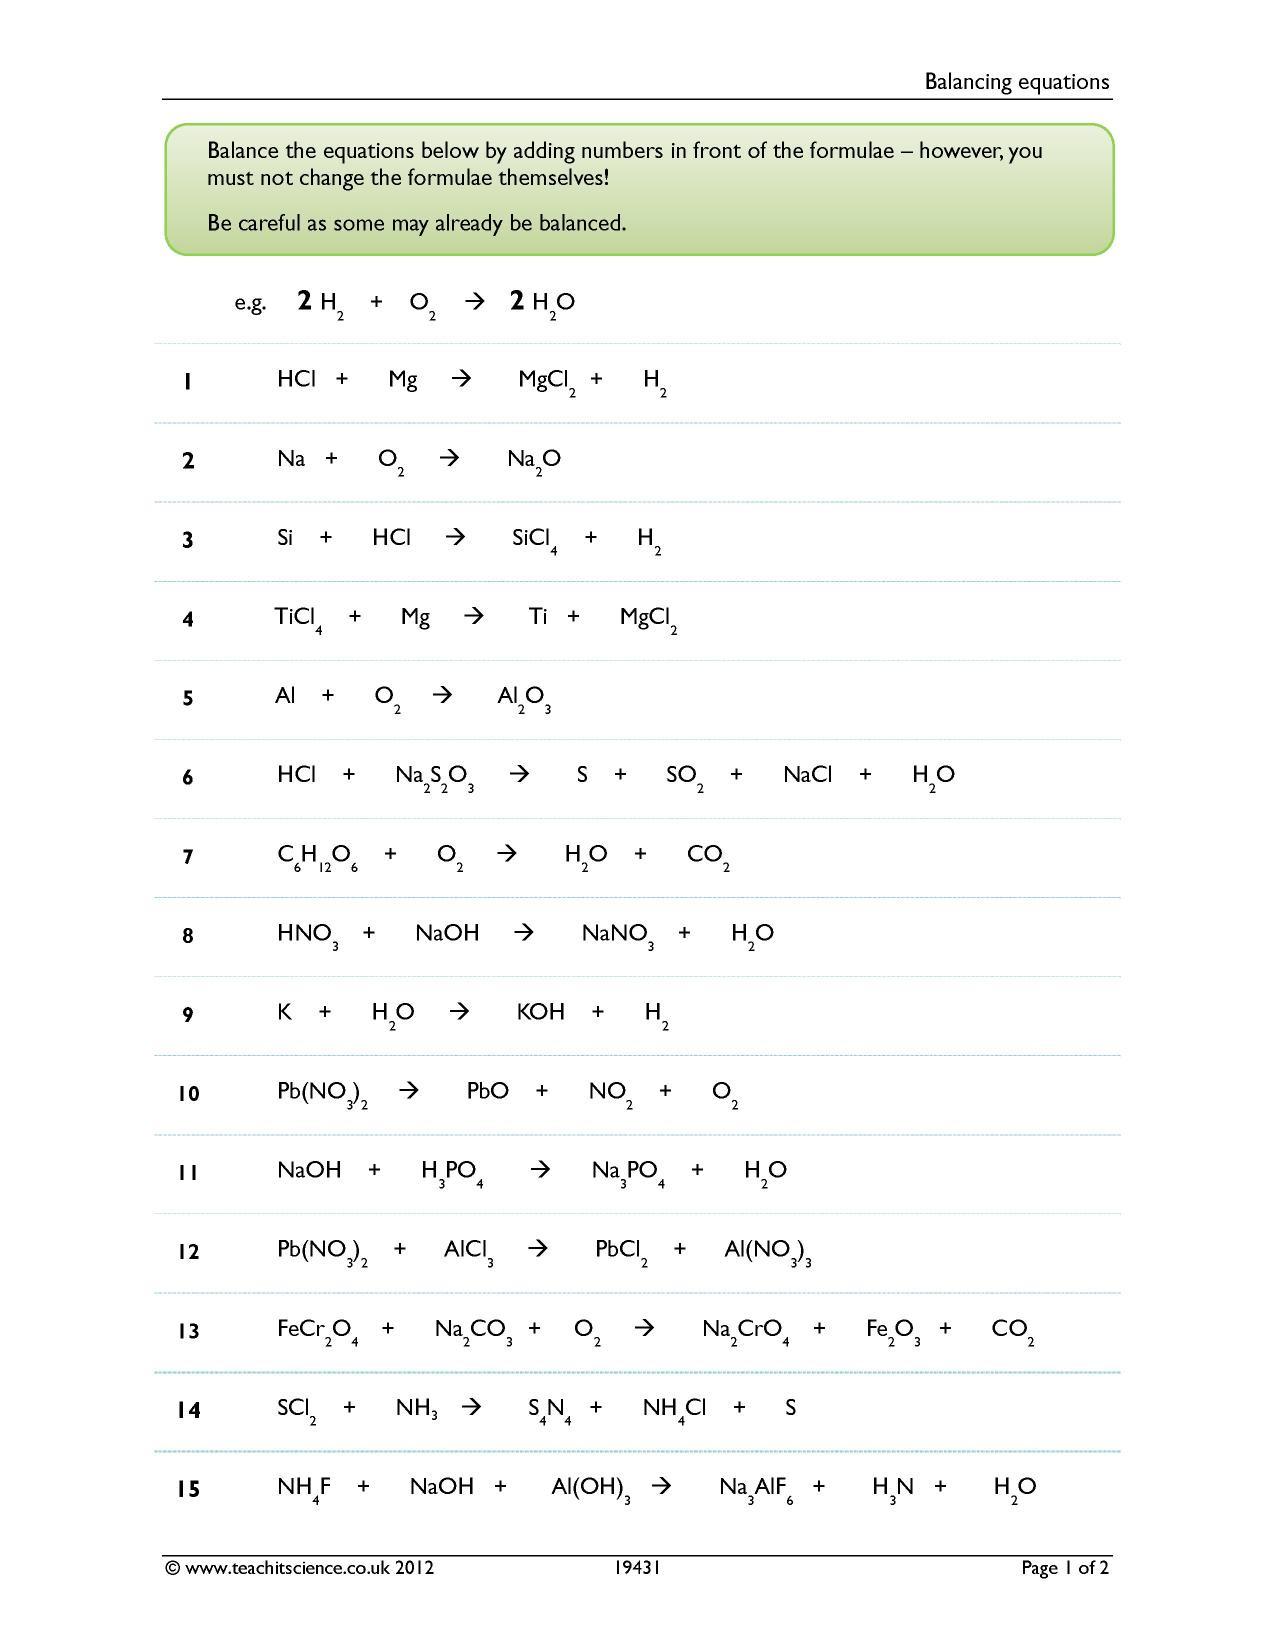 30 Balancing Equations Worksheet Answer Key